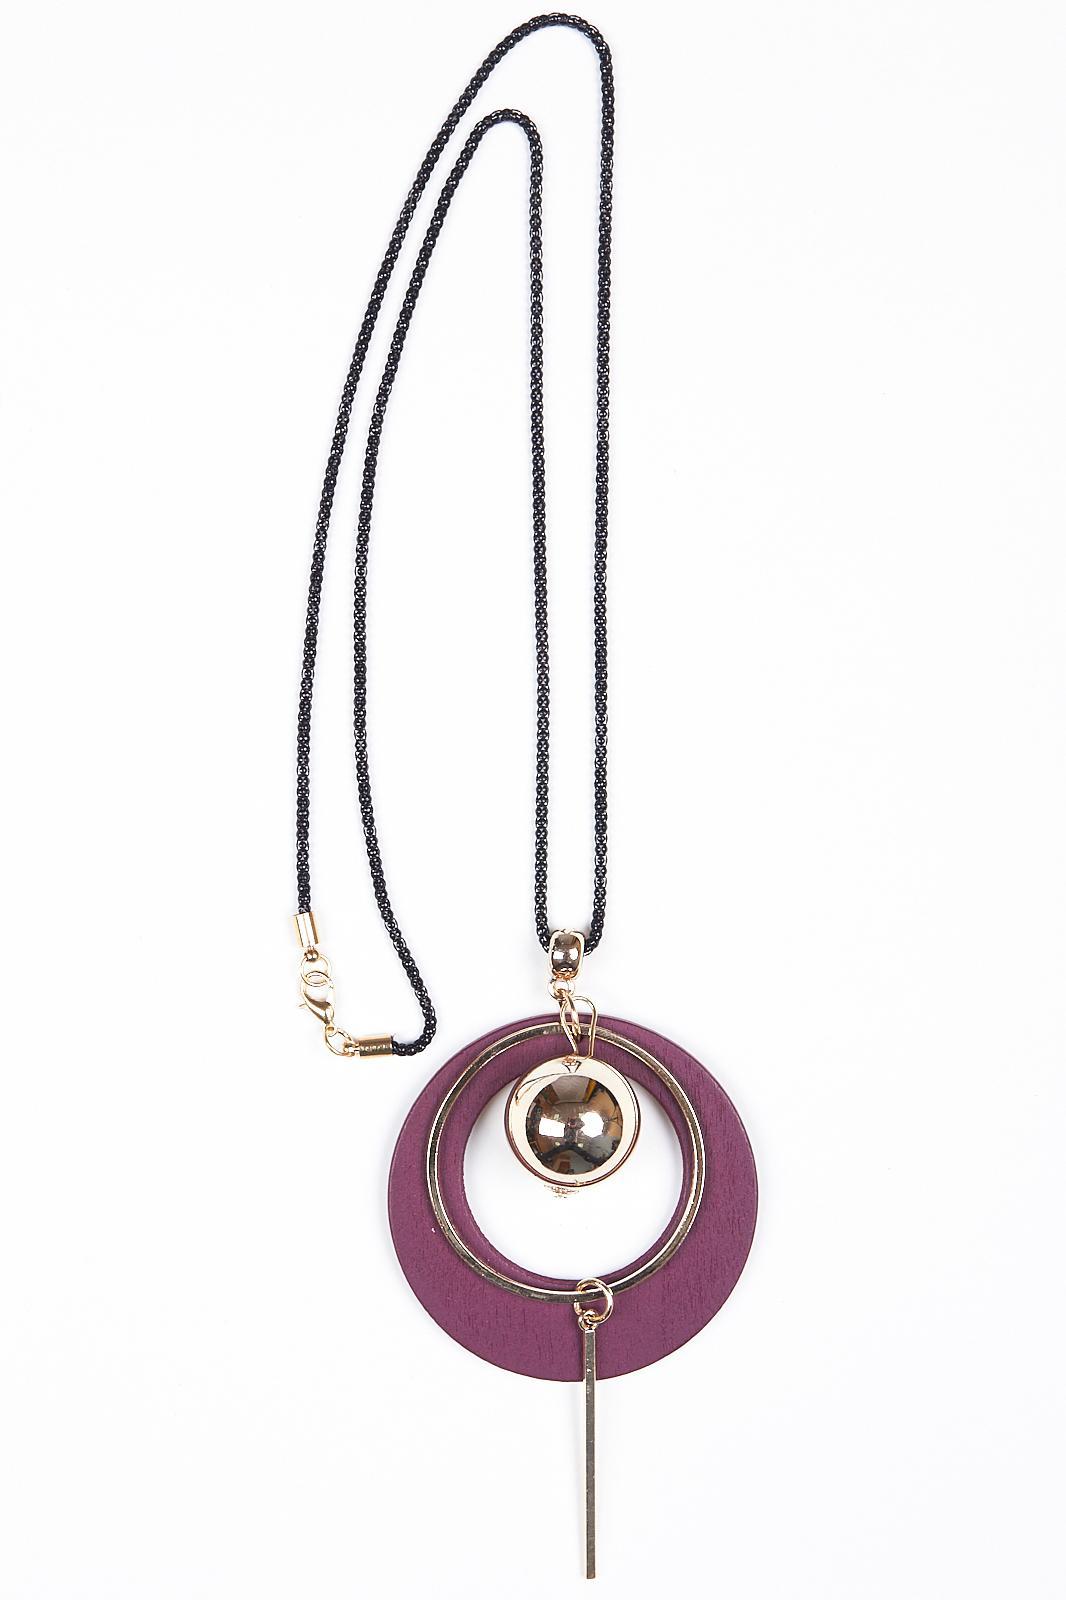 Купить Подвеска Fashion Jewelry, Подвеска 9703 золото+бордовый, Китай